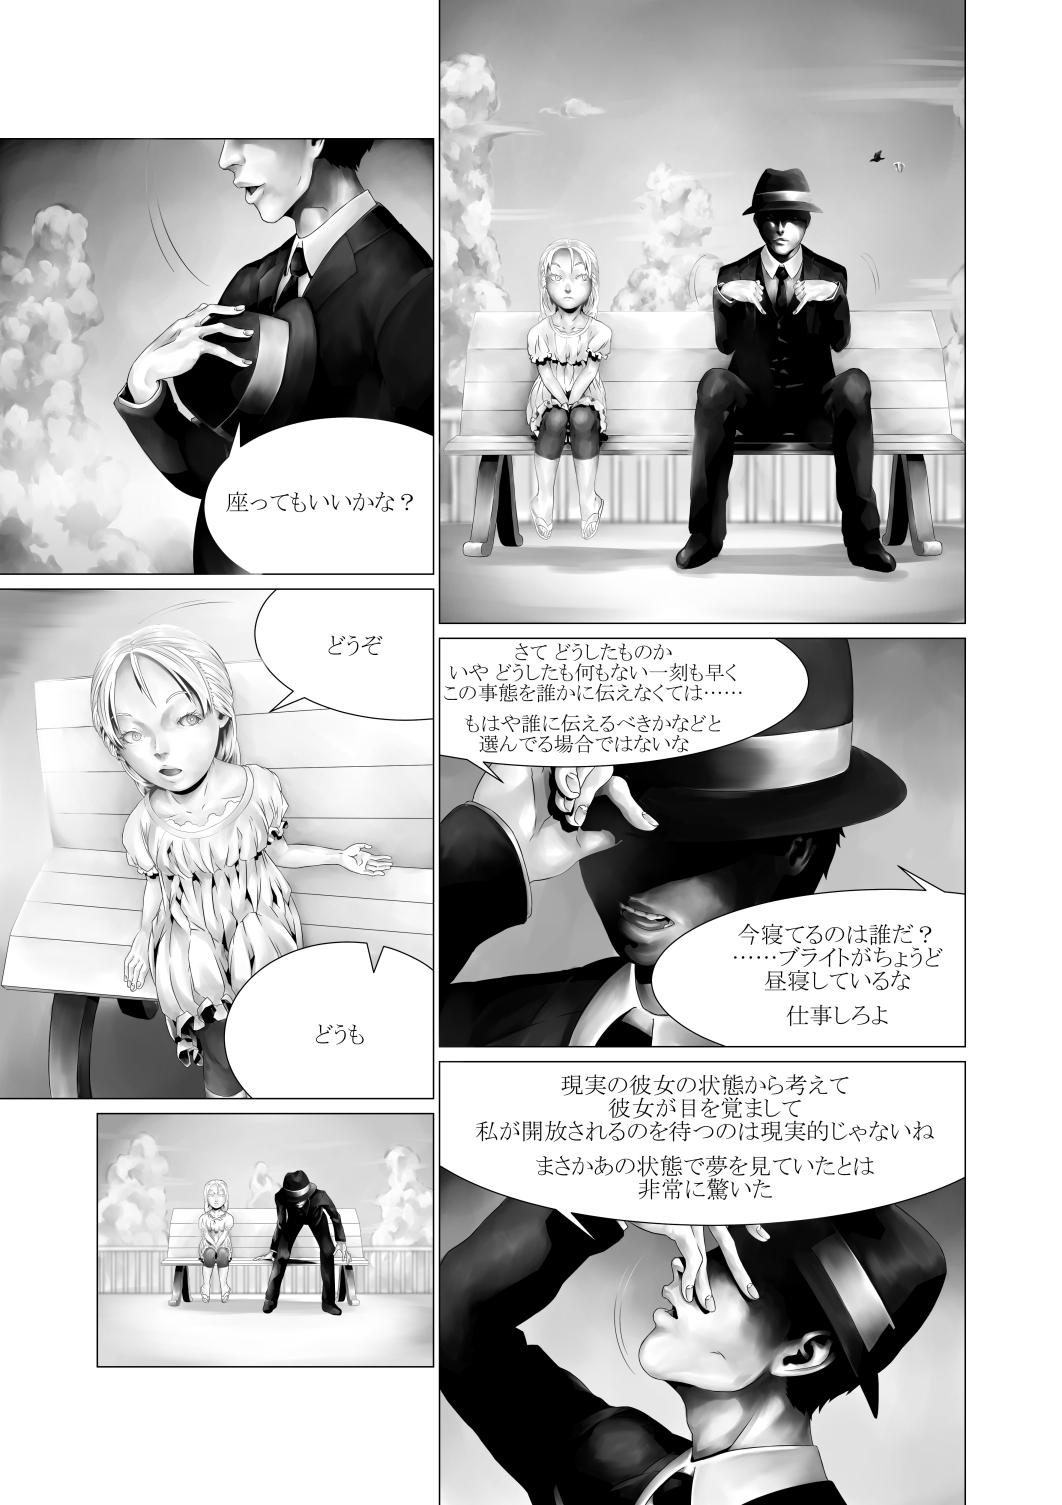 ちいさな魔女の夢4完成.png